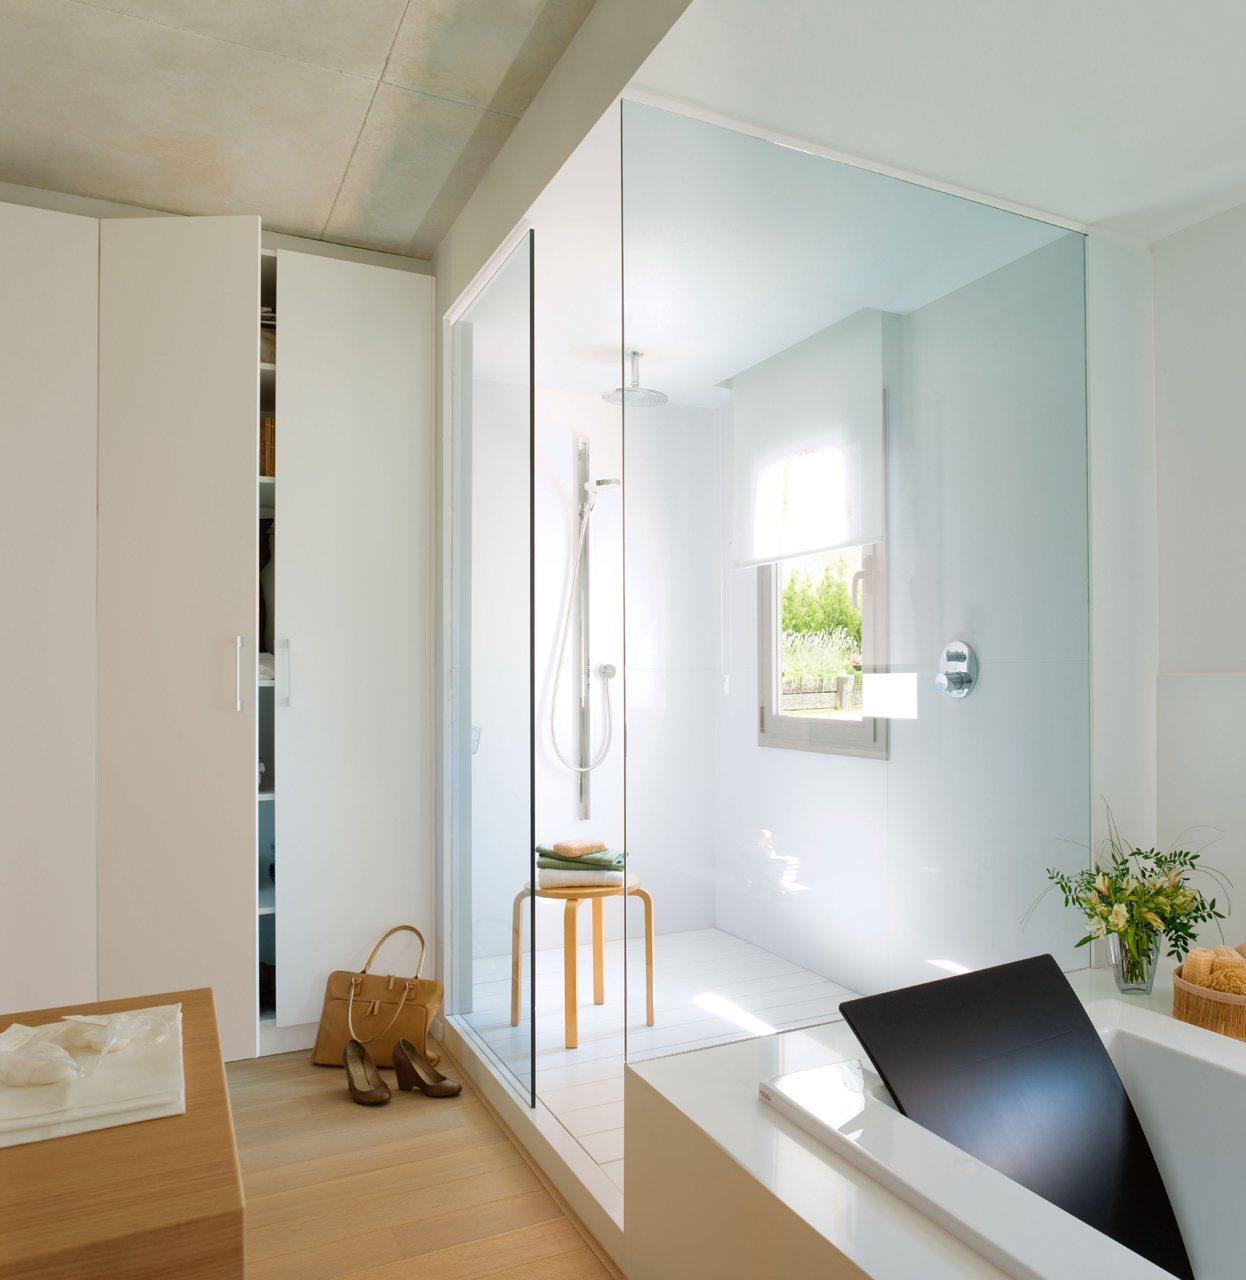 Un ba o luminoso y acogedor en blanco y madera - Bano con banera y ducha ...